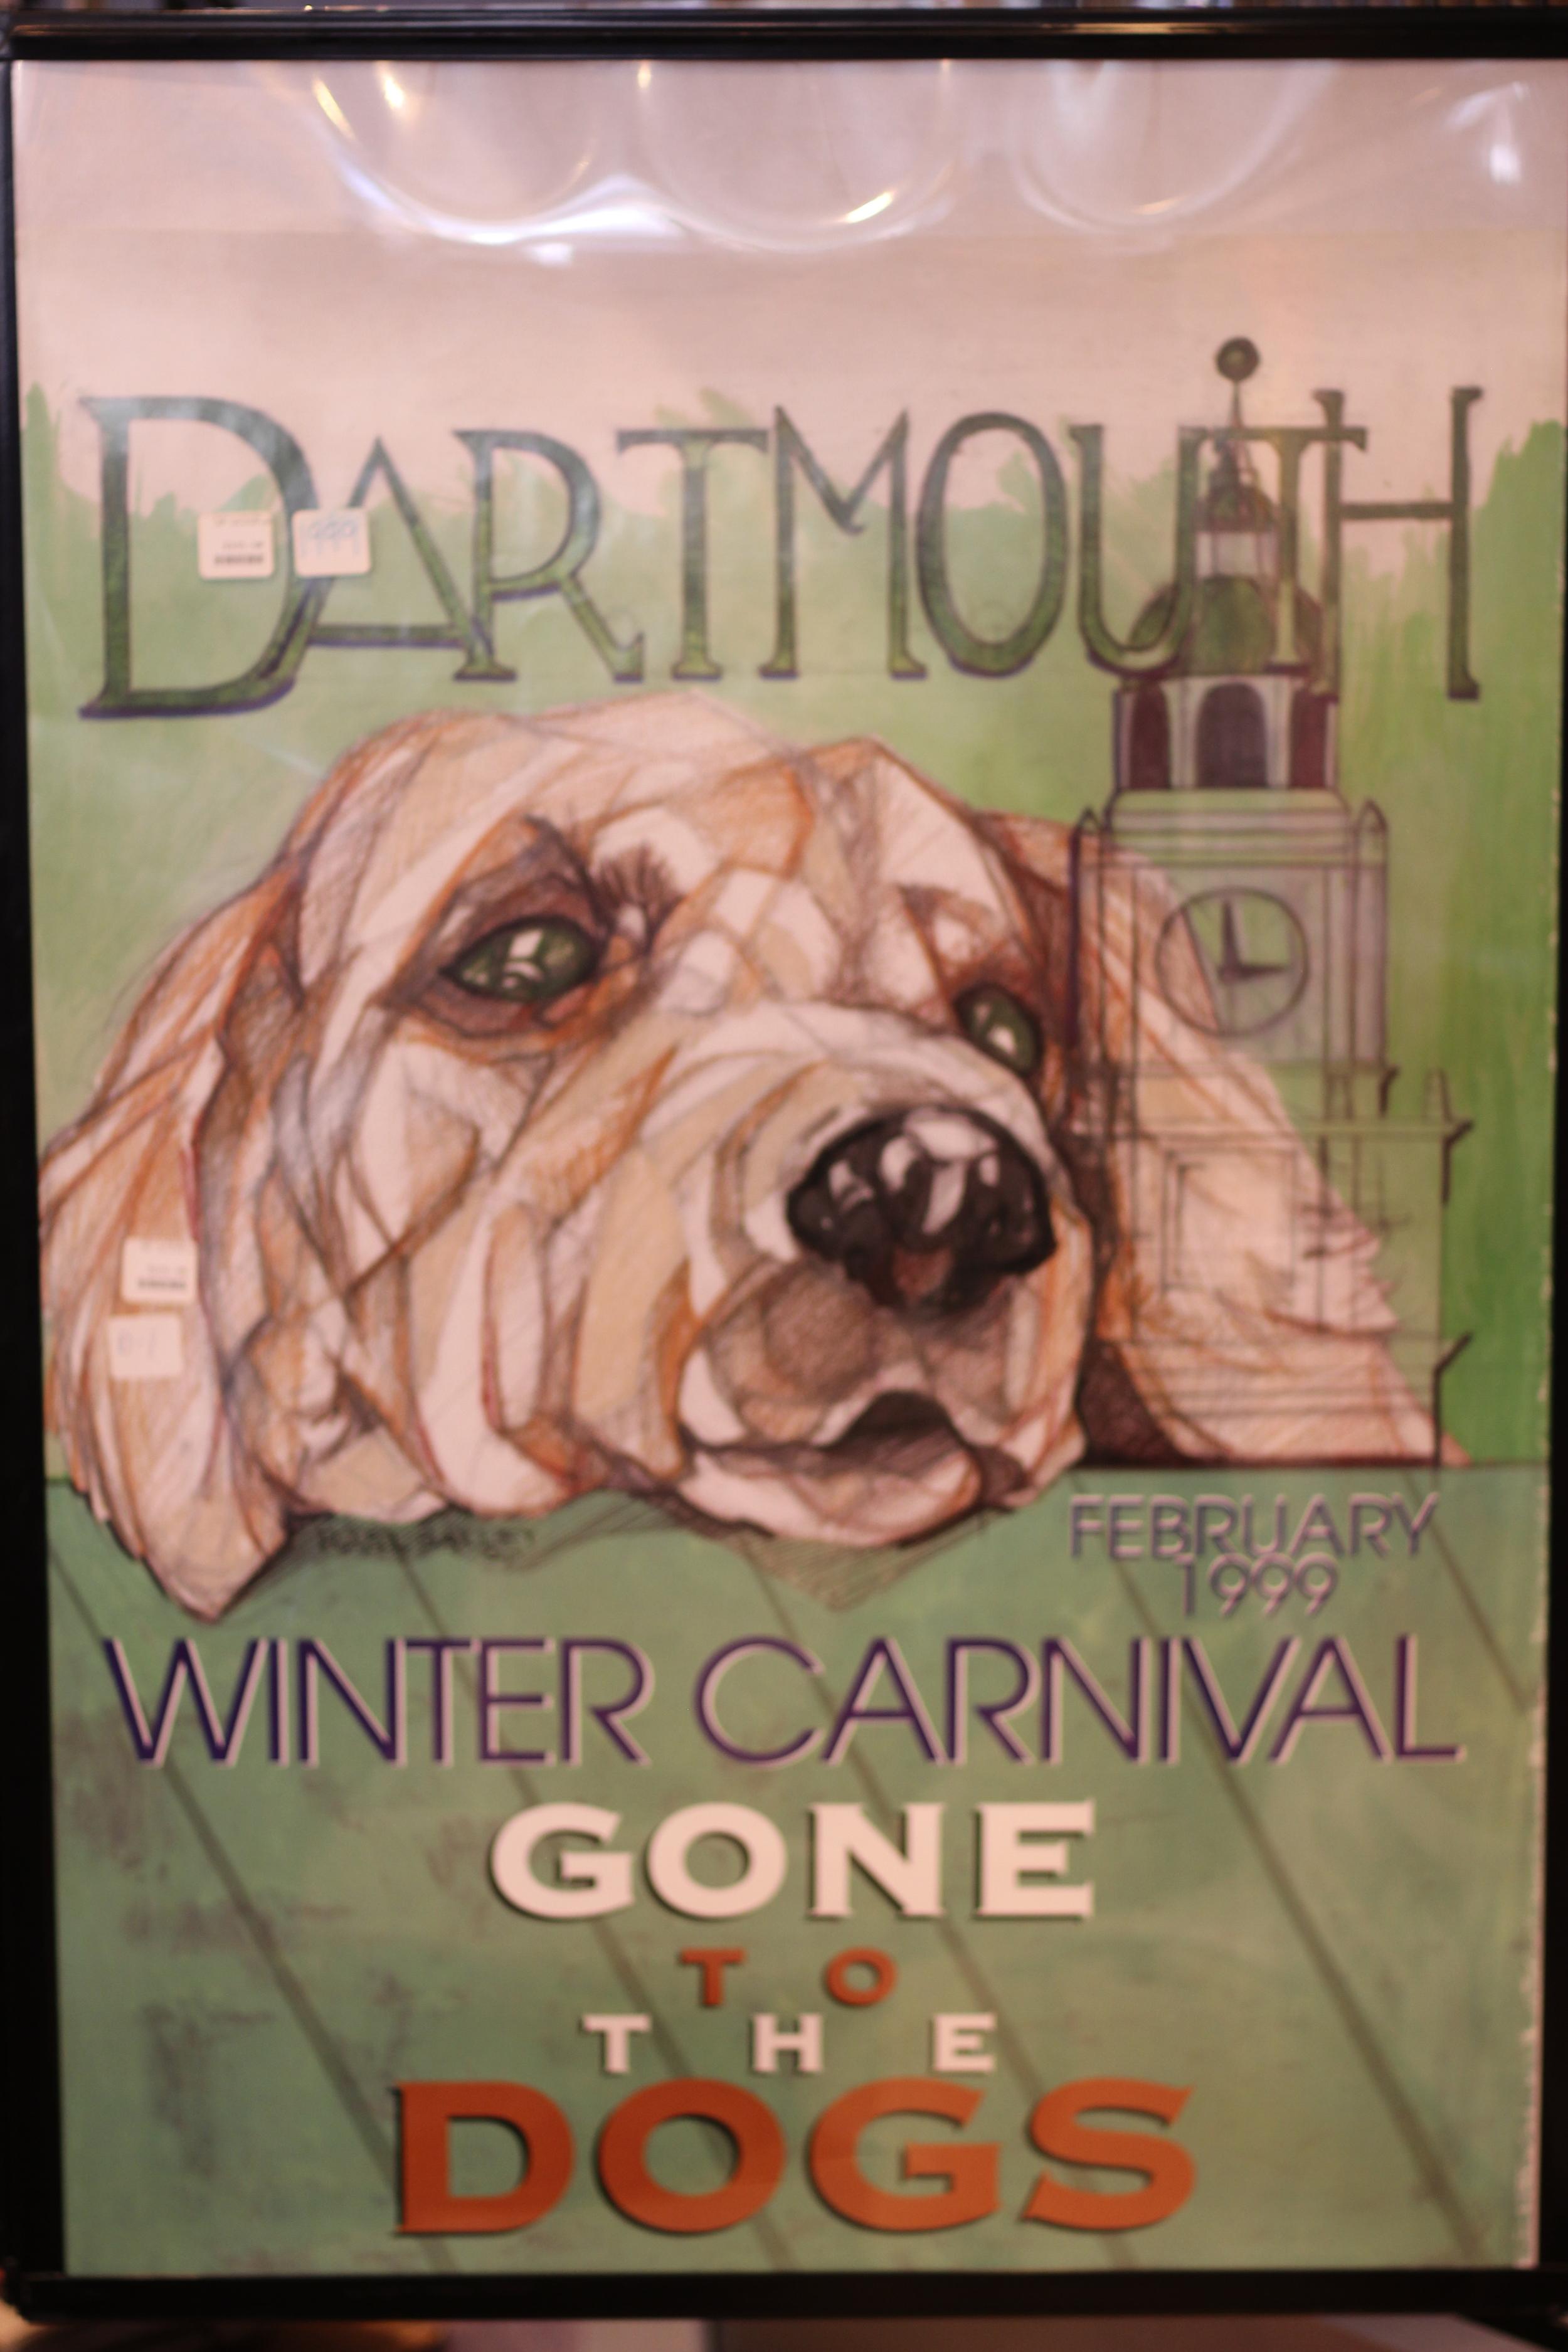 Dartmouth Winter Carnival 1999